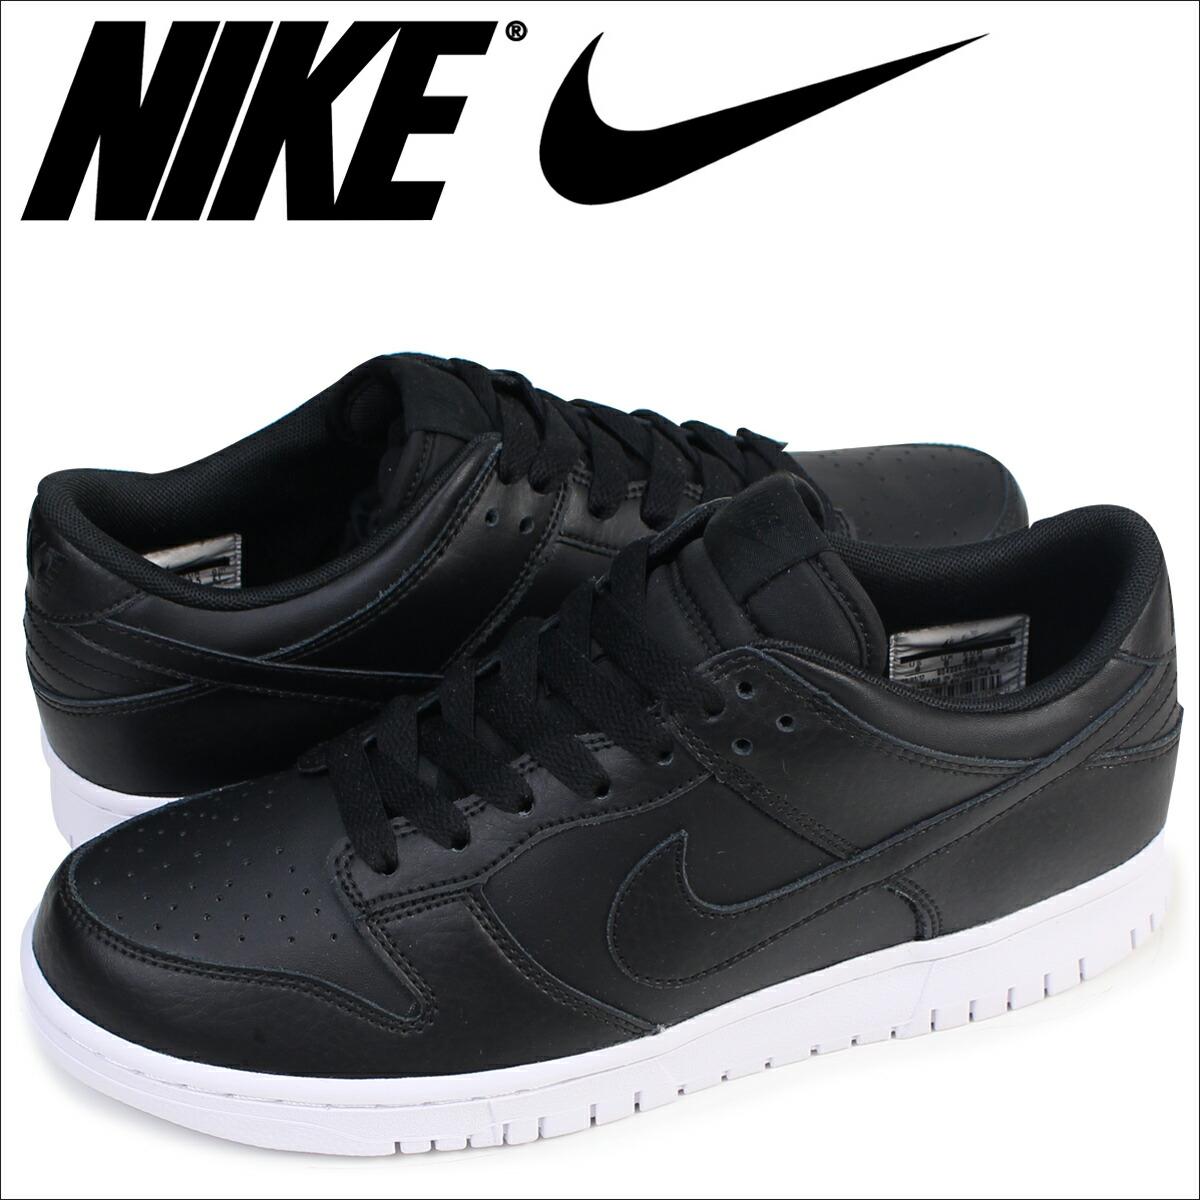 super popular b008e dd071 Nike NIKE dunk low sneakers DUNK LOW men 904,234-003 shoes black [7/1  Shinnyu load]